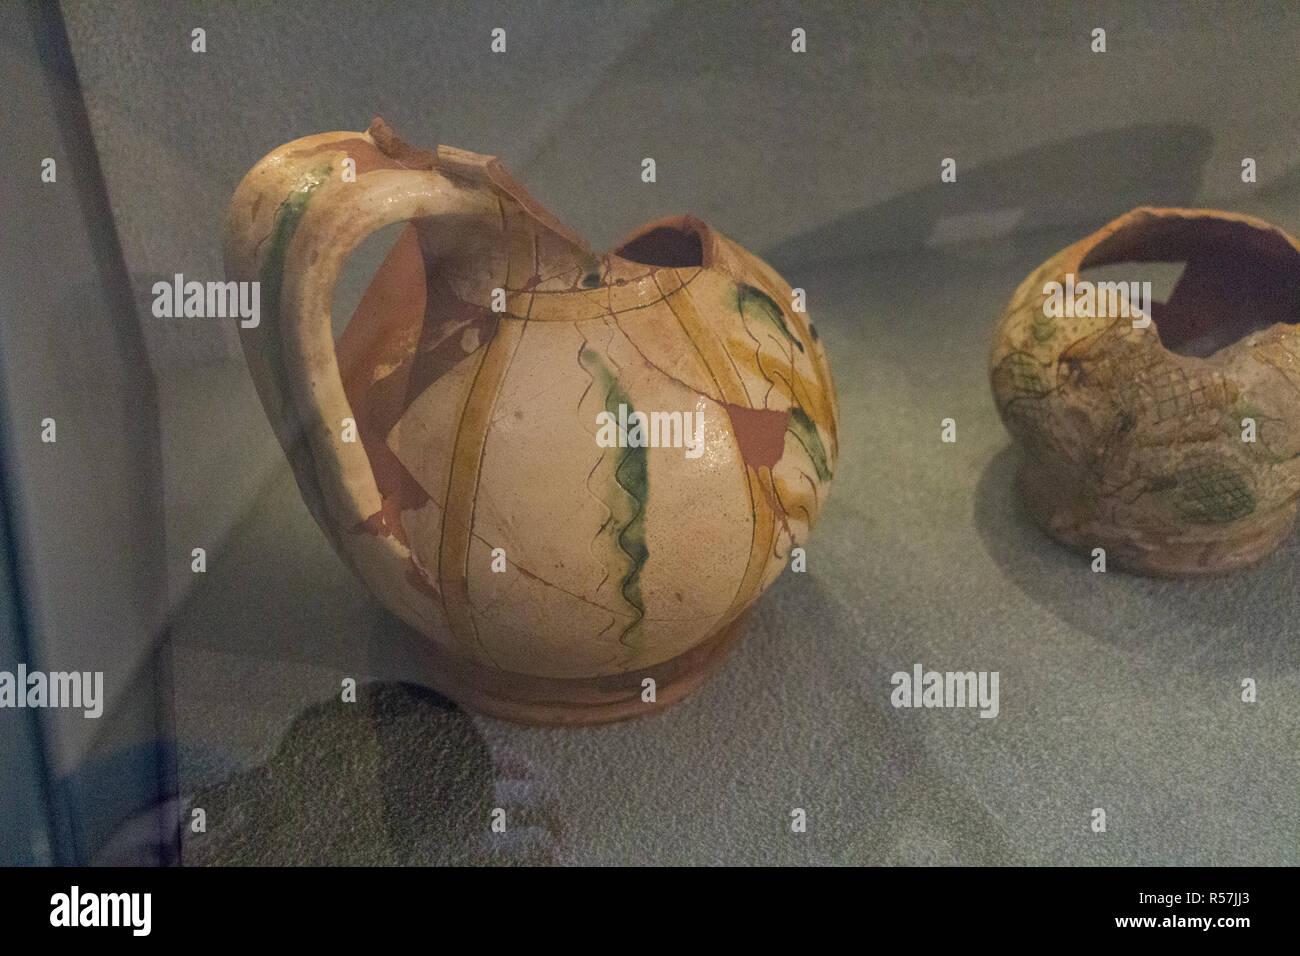 L'Italia, Brescia - 24 dicembre 2017: la vista di antichi oggetti di uso quotidiano nel Museo di Santa Giulia il 24 dicembre 2017. Immagini Stock